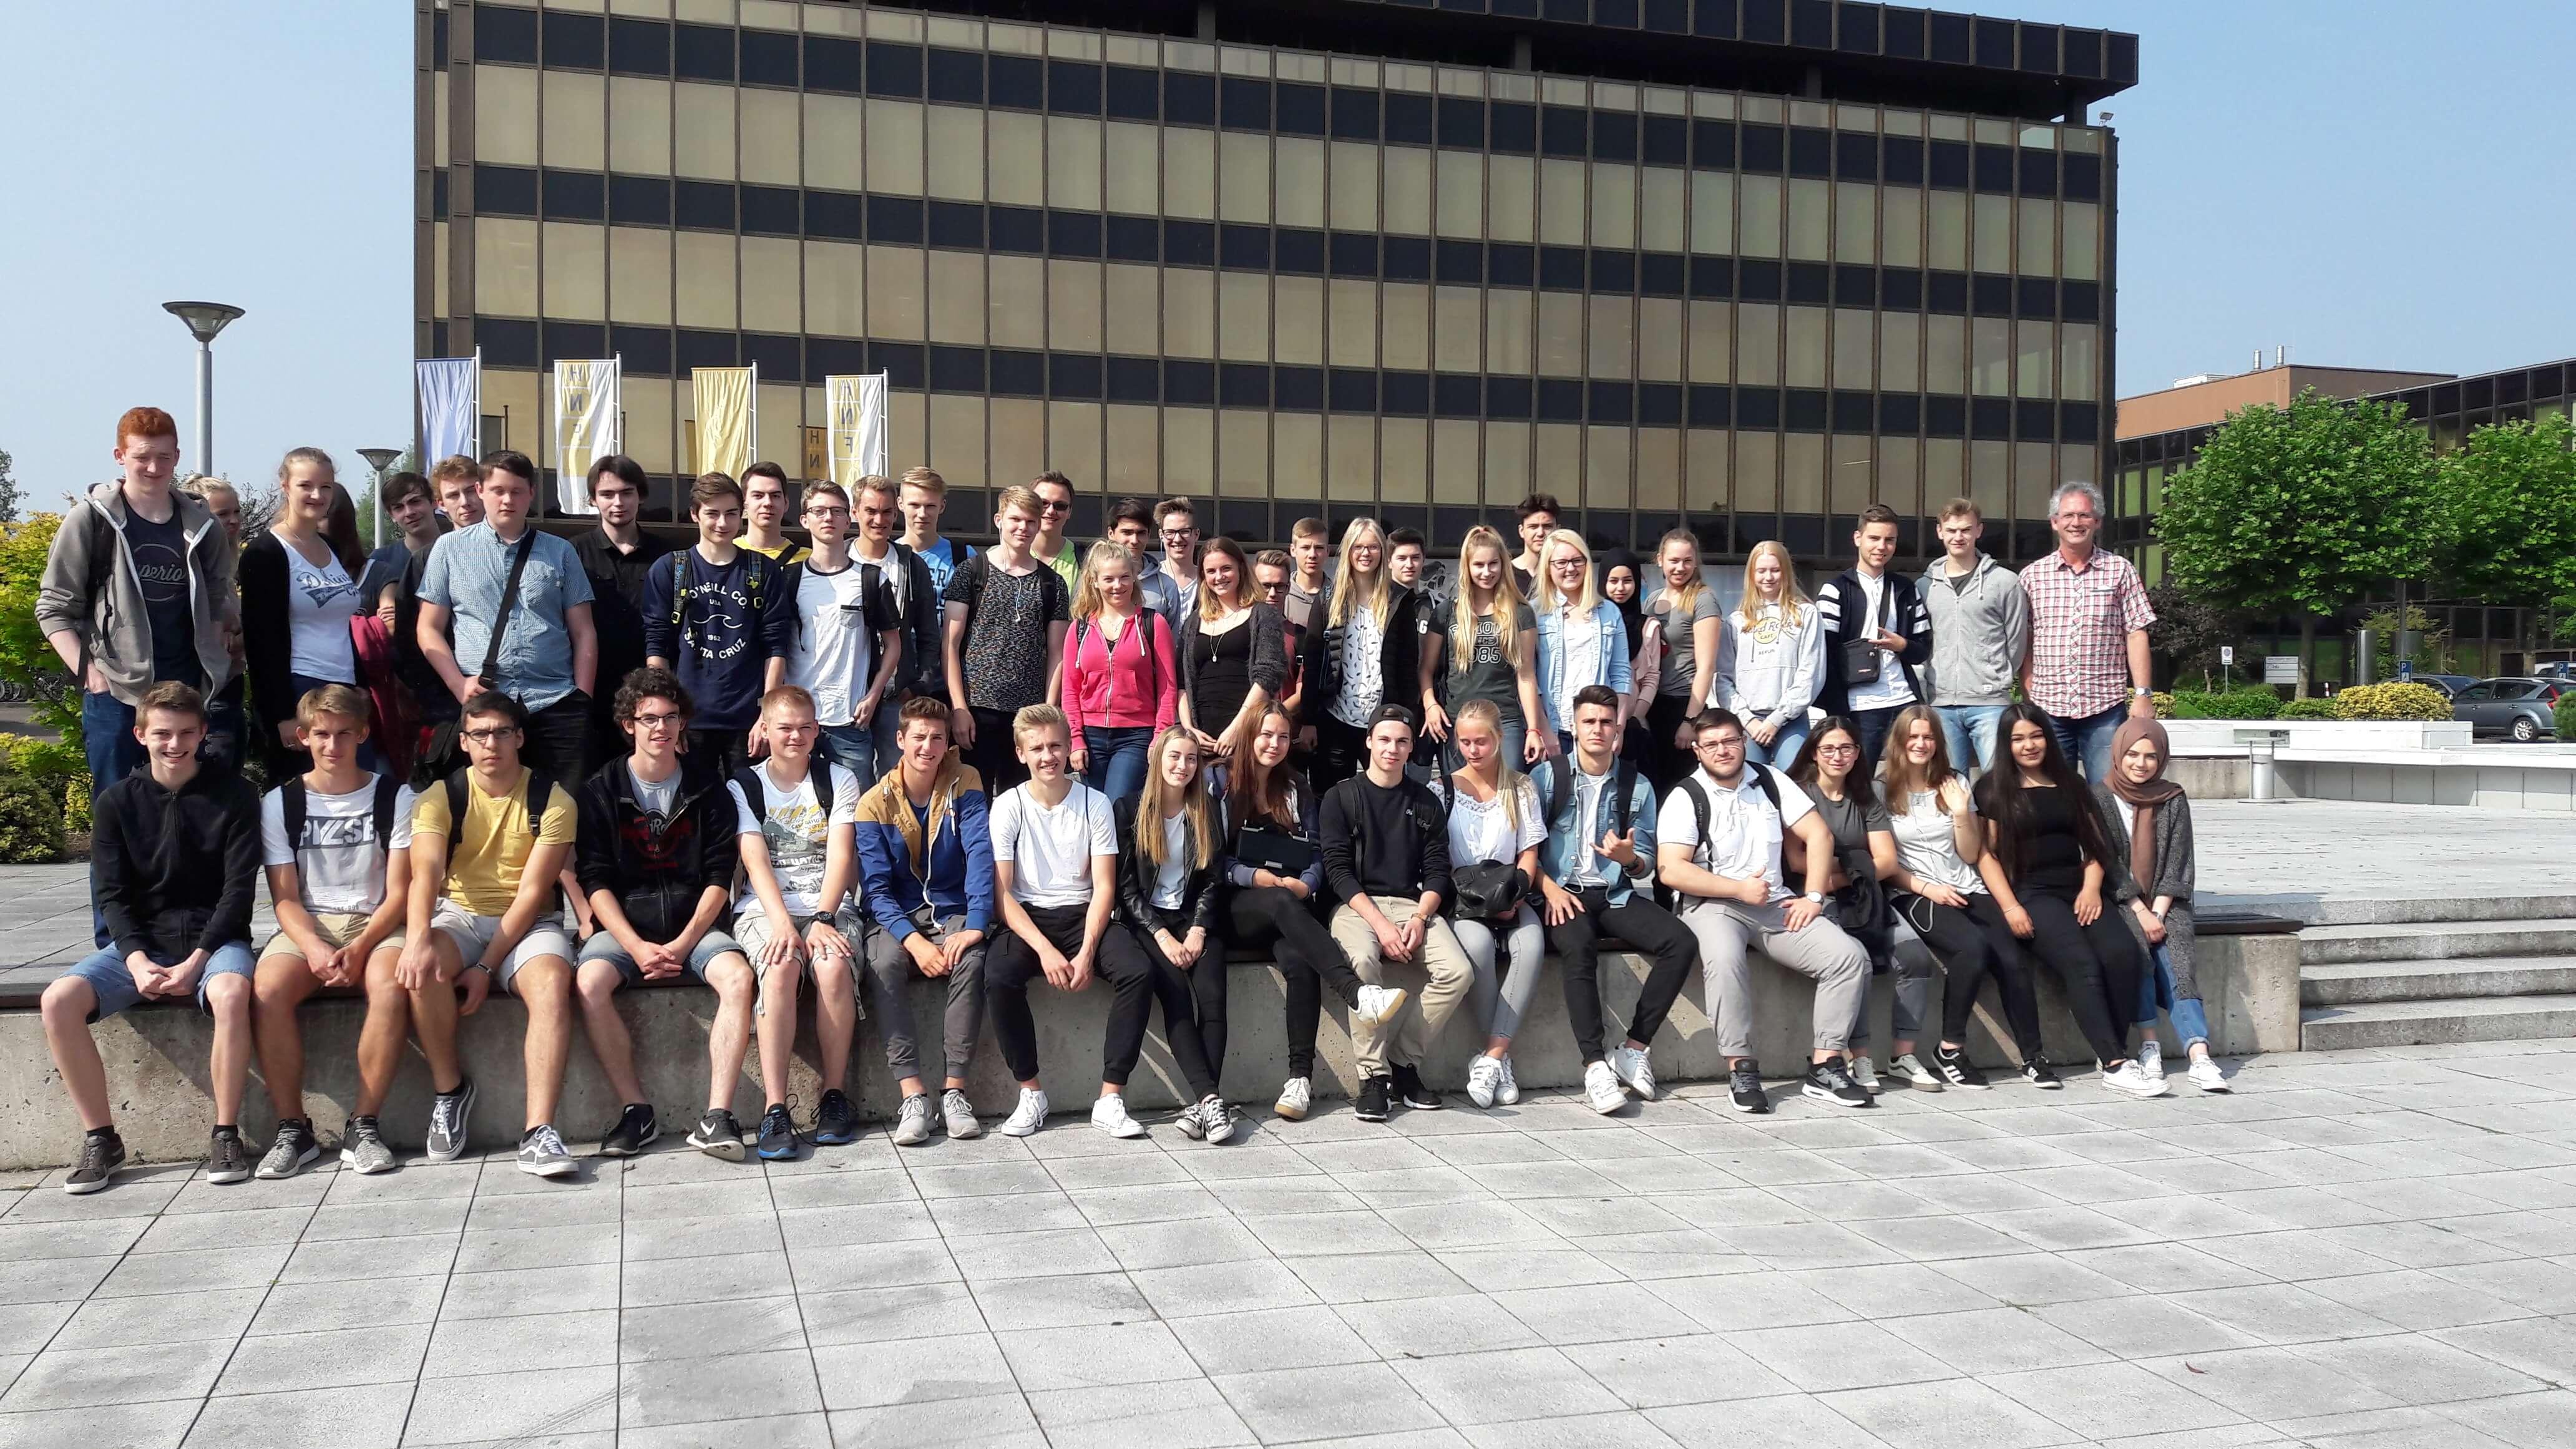 Informatik- und Mathe-Leistungskurse (des MCG Bönen) besuchen Heinz-Nixdorf-Forum in Paderborn